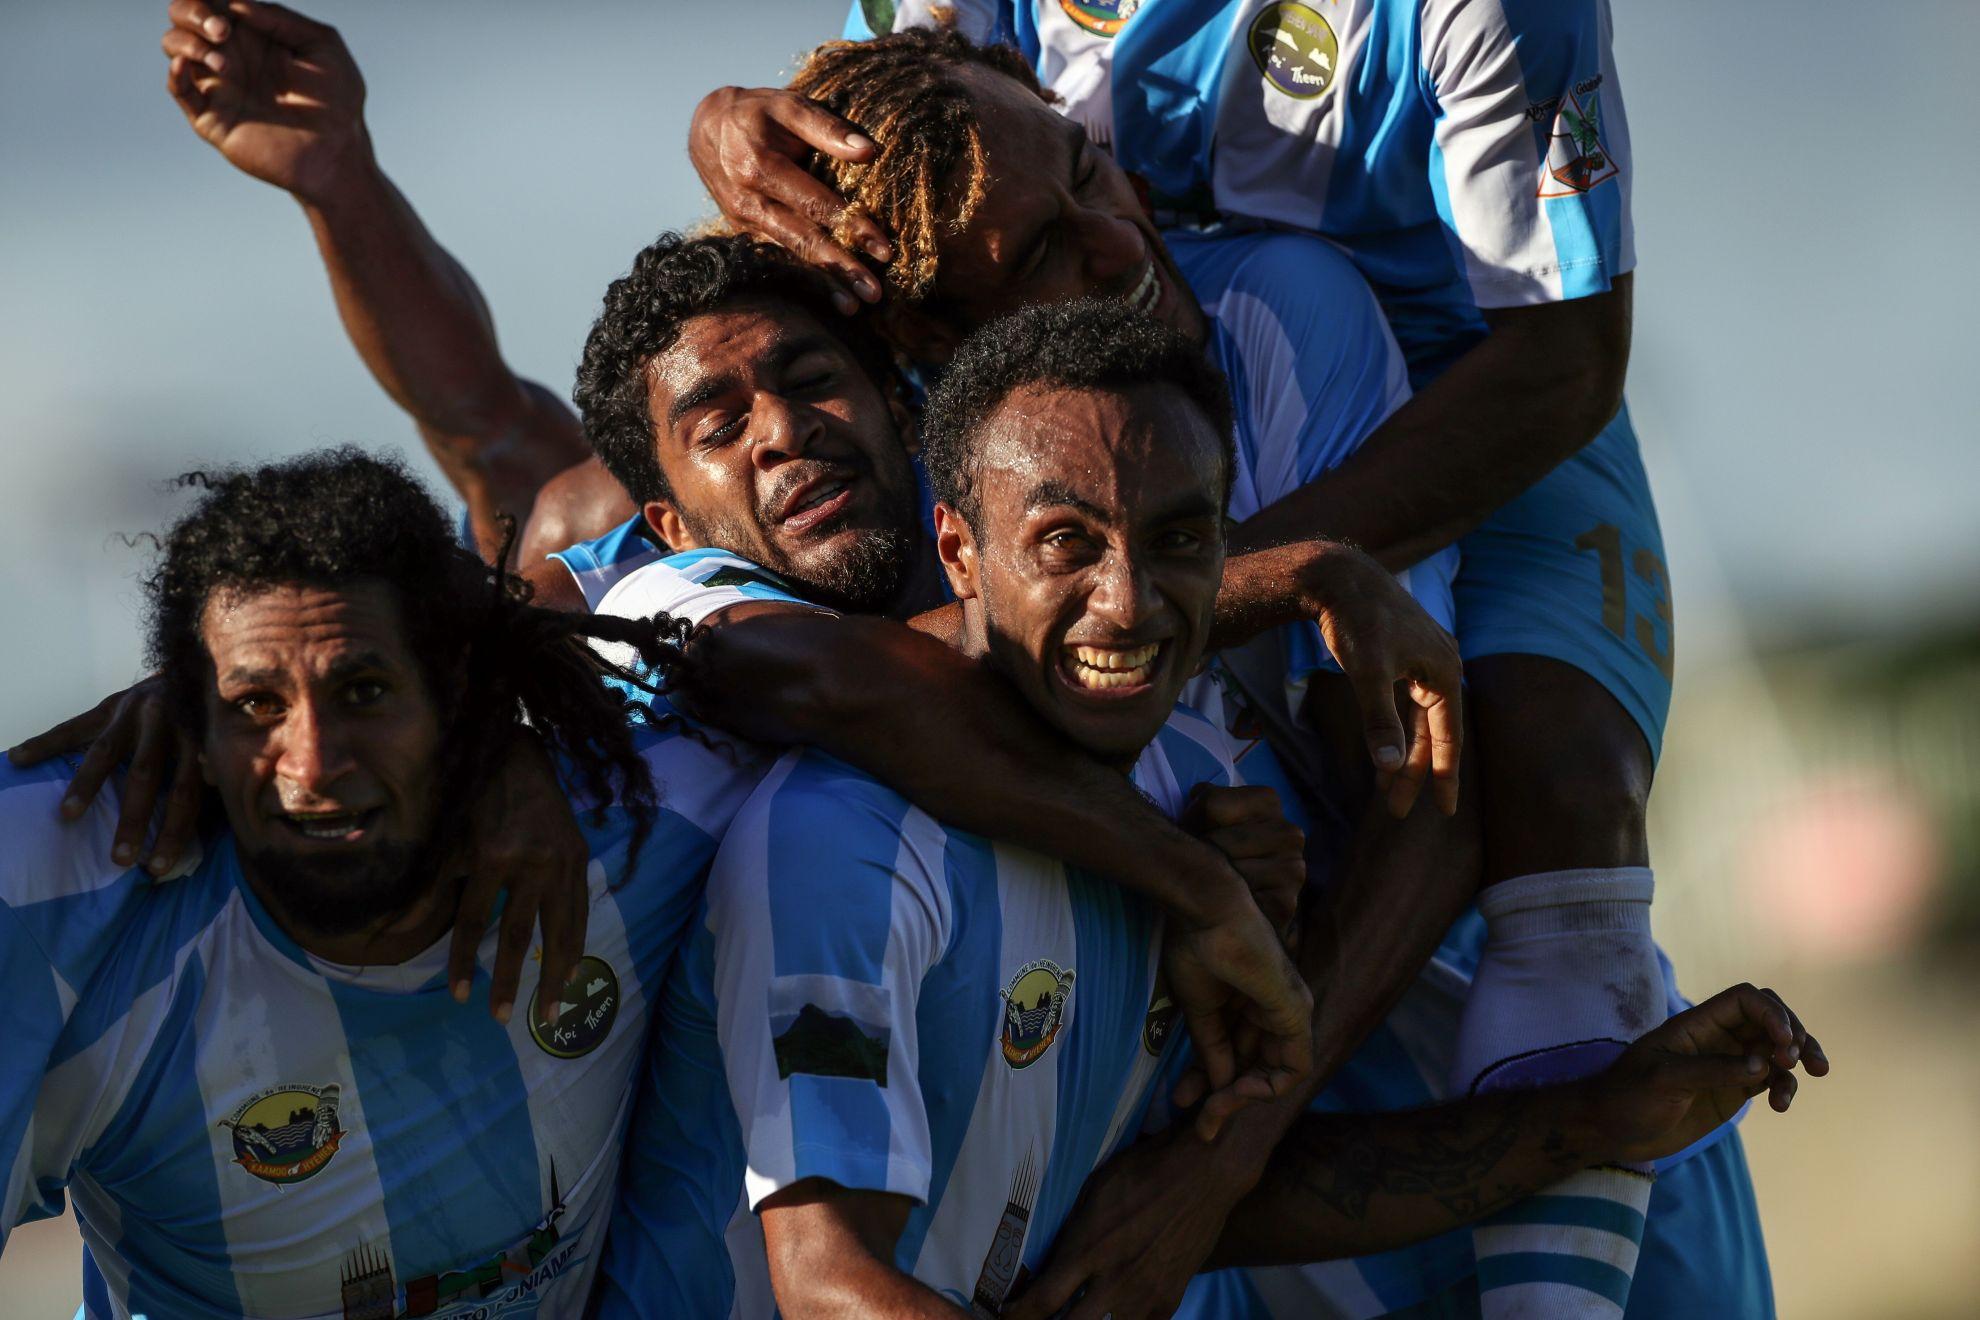 Victoire de Hienghène Sport 2-0 face à Wellington © Shane Wenzlick / www.phototek.nz